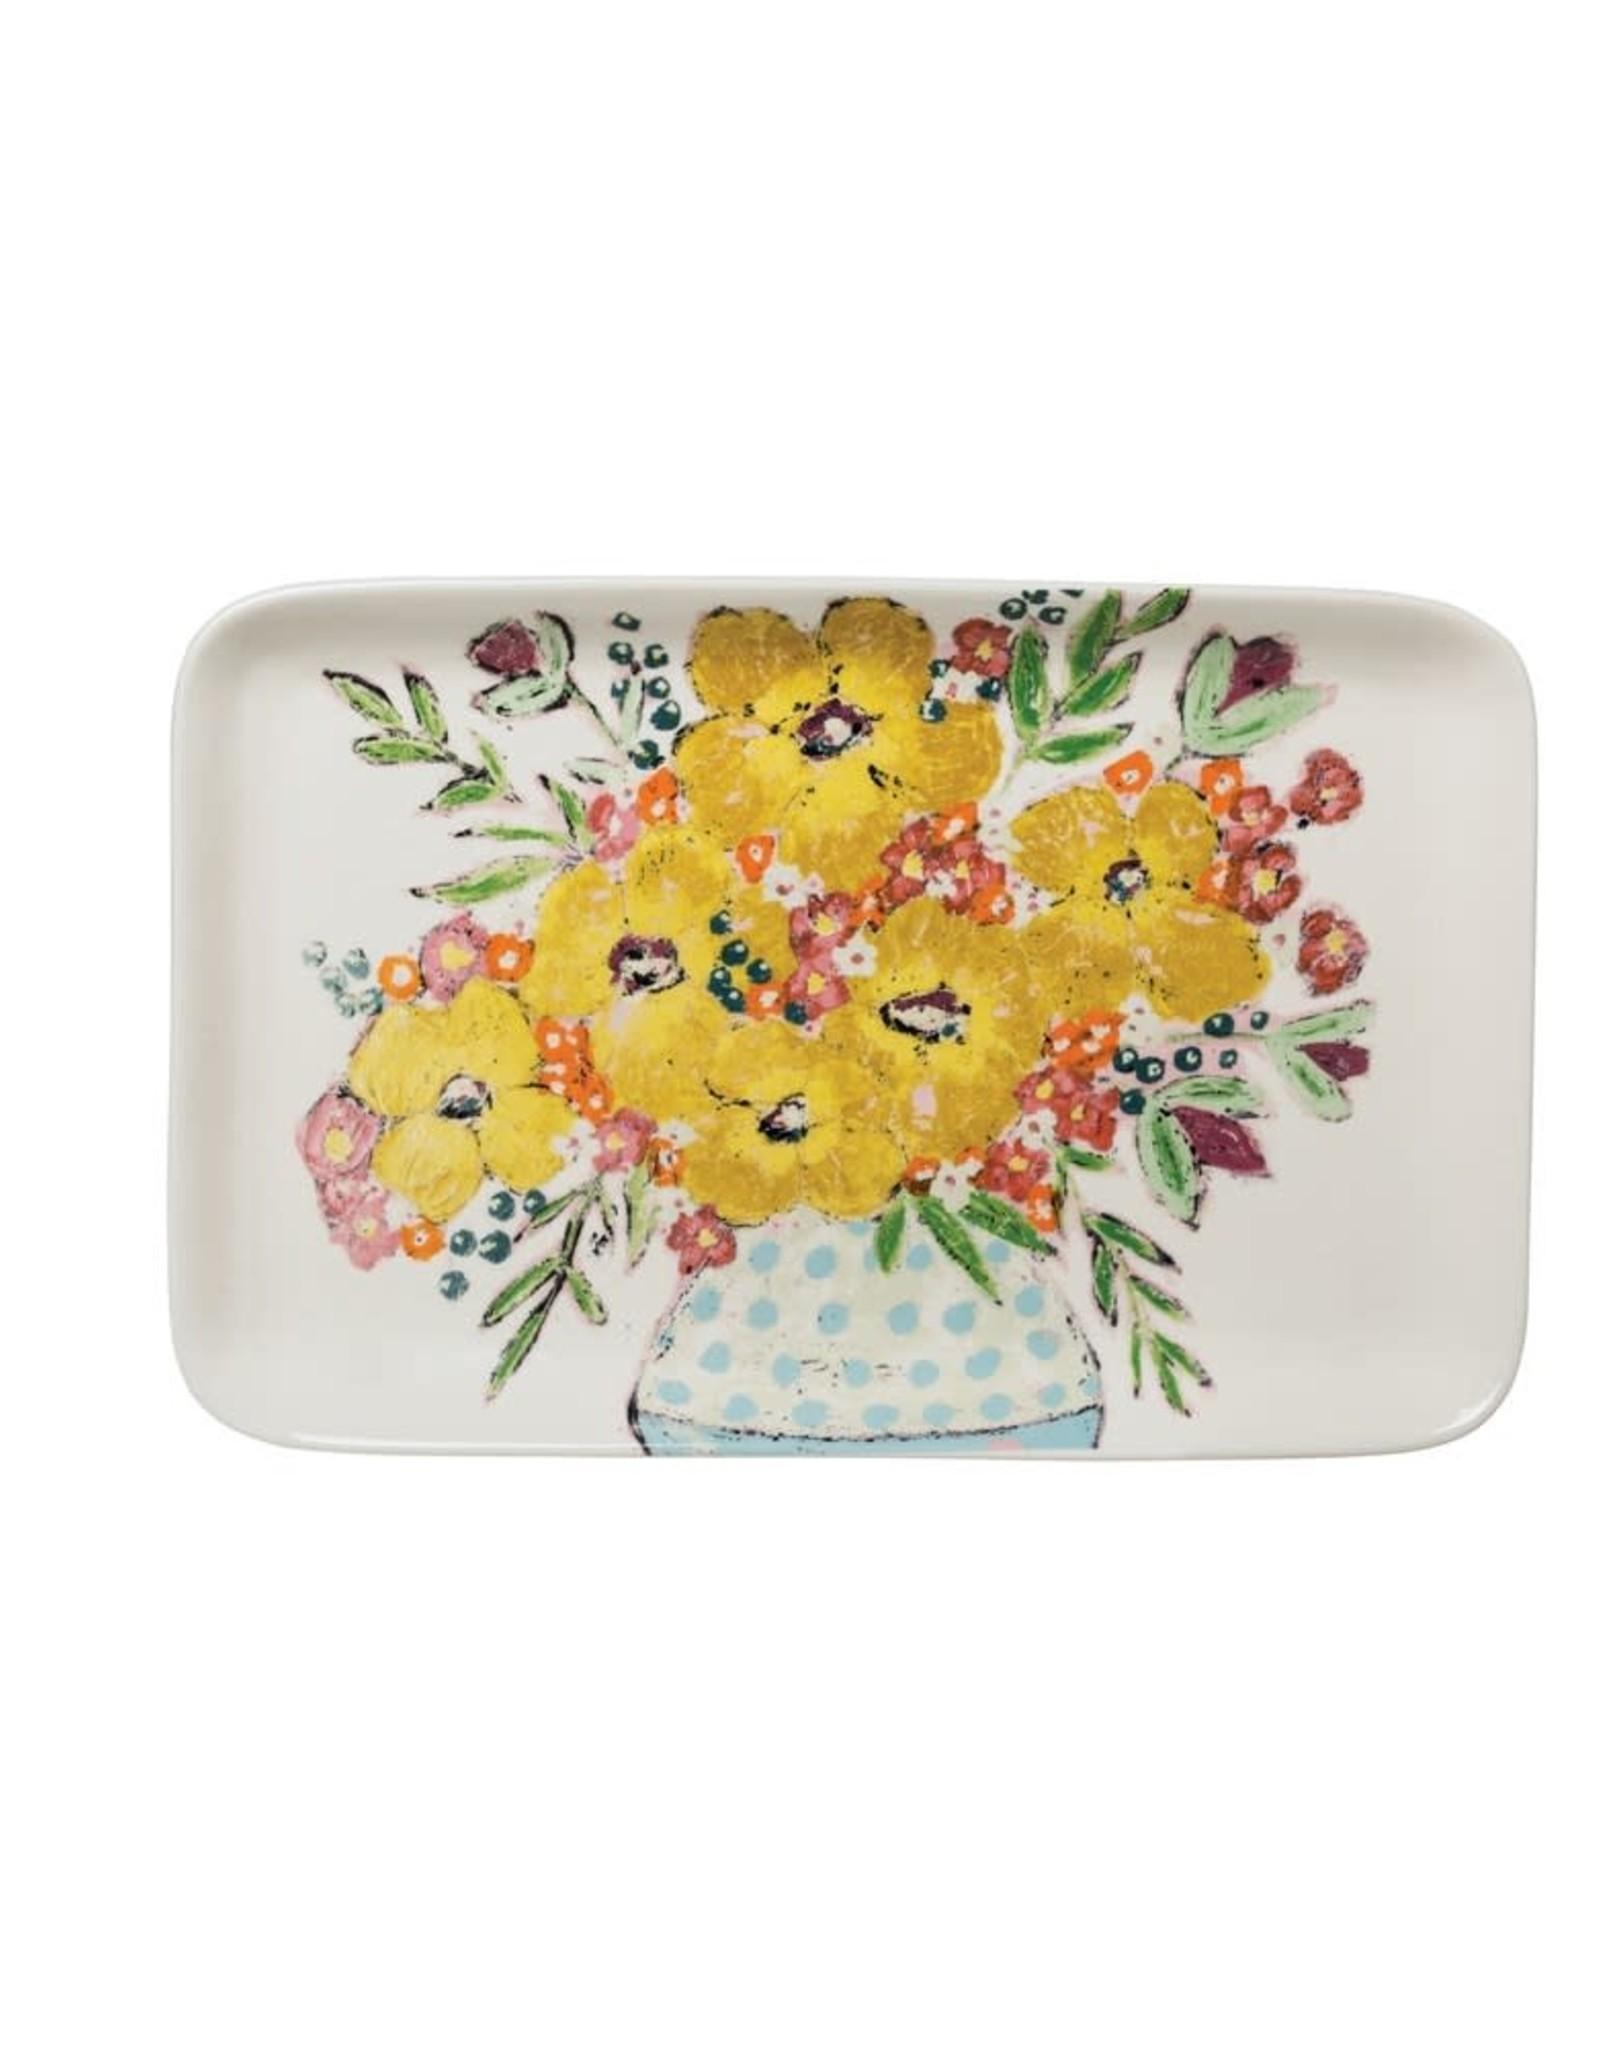 Wink Stoneware Platter w/Flowers